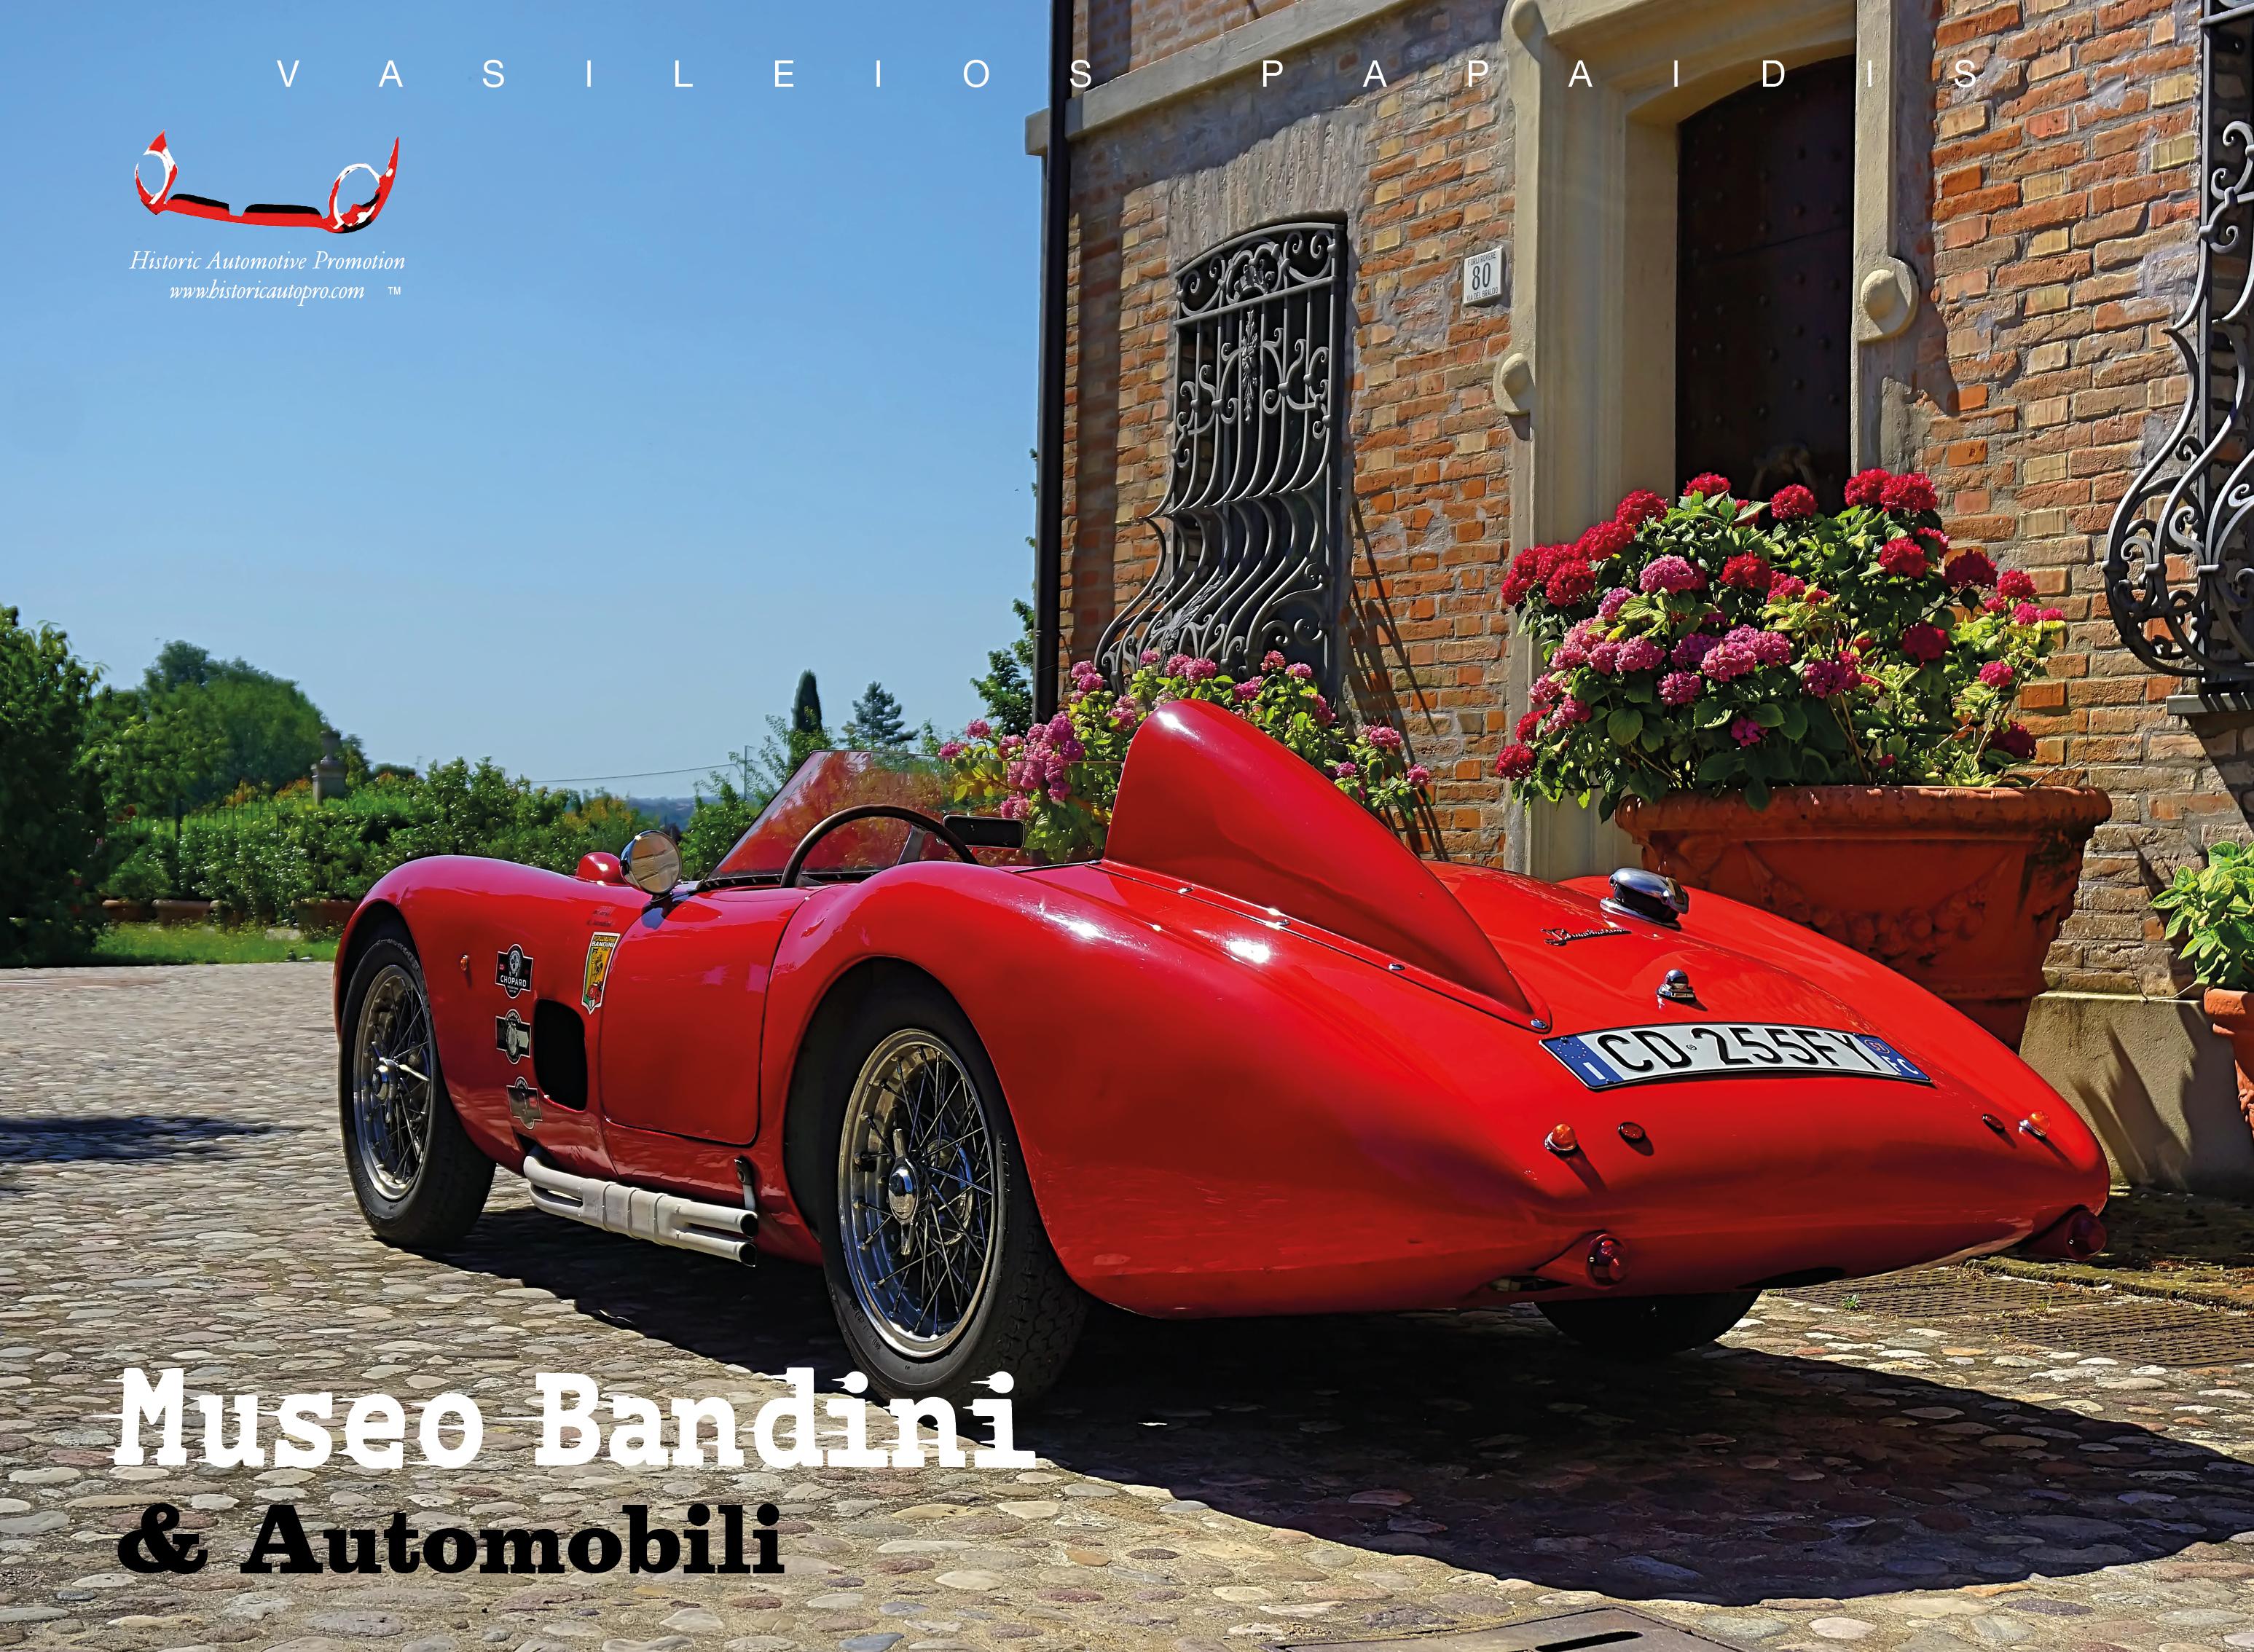 Museo Bandini & Automobili